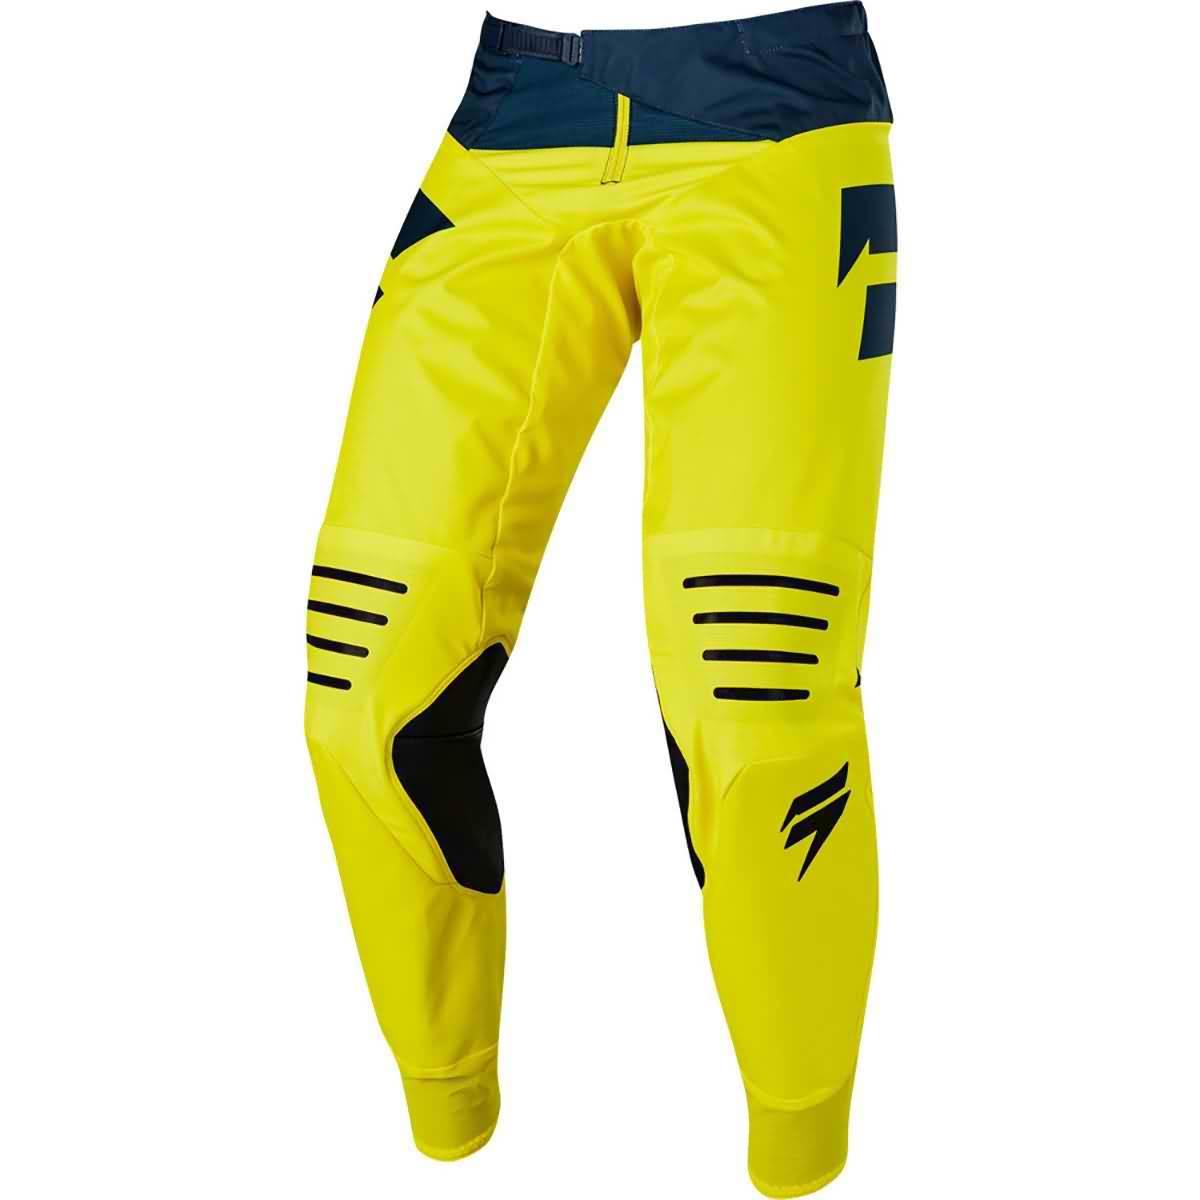 pantalon shift mainline amarillo/azul talle 34